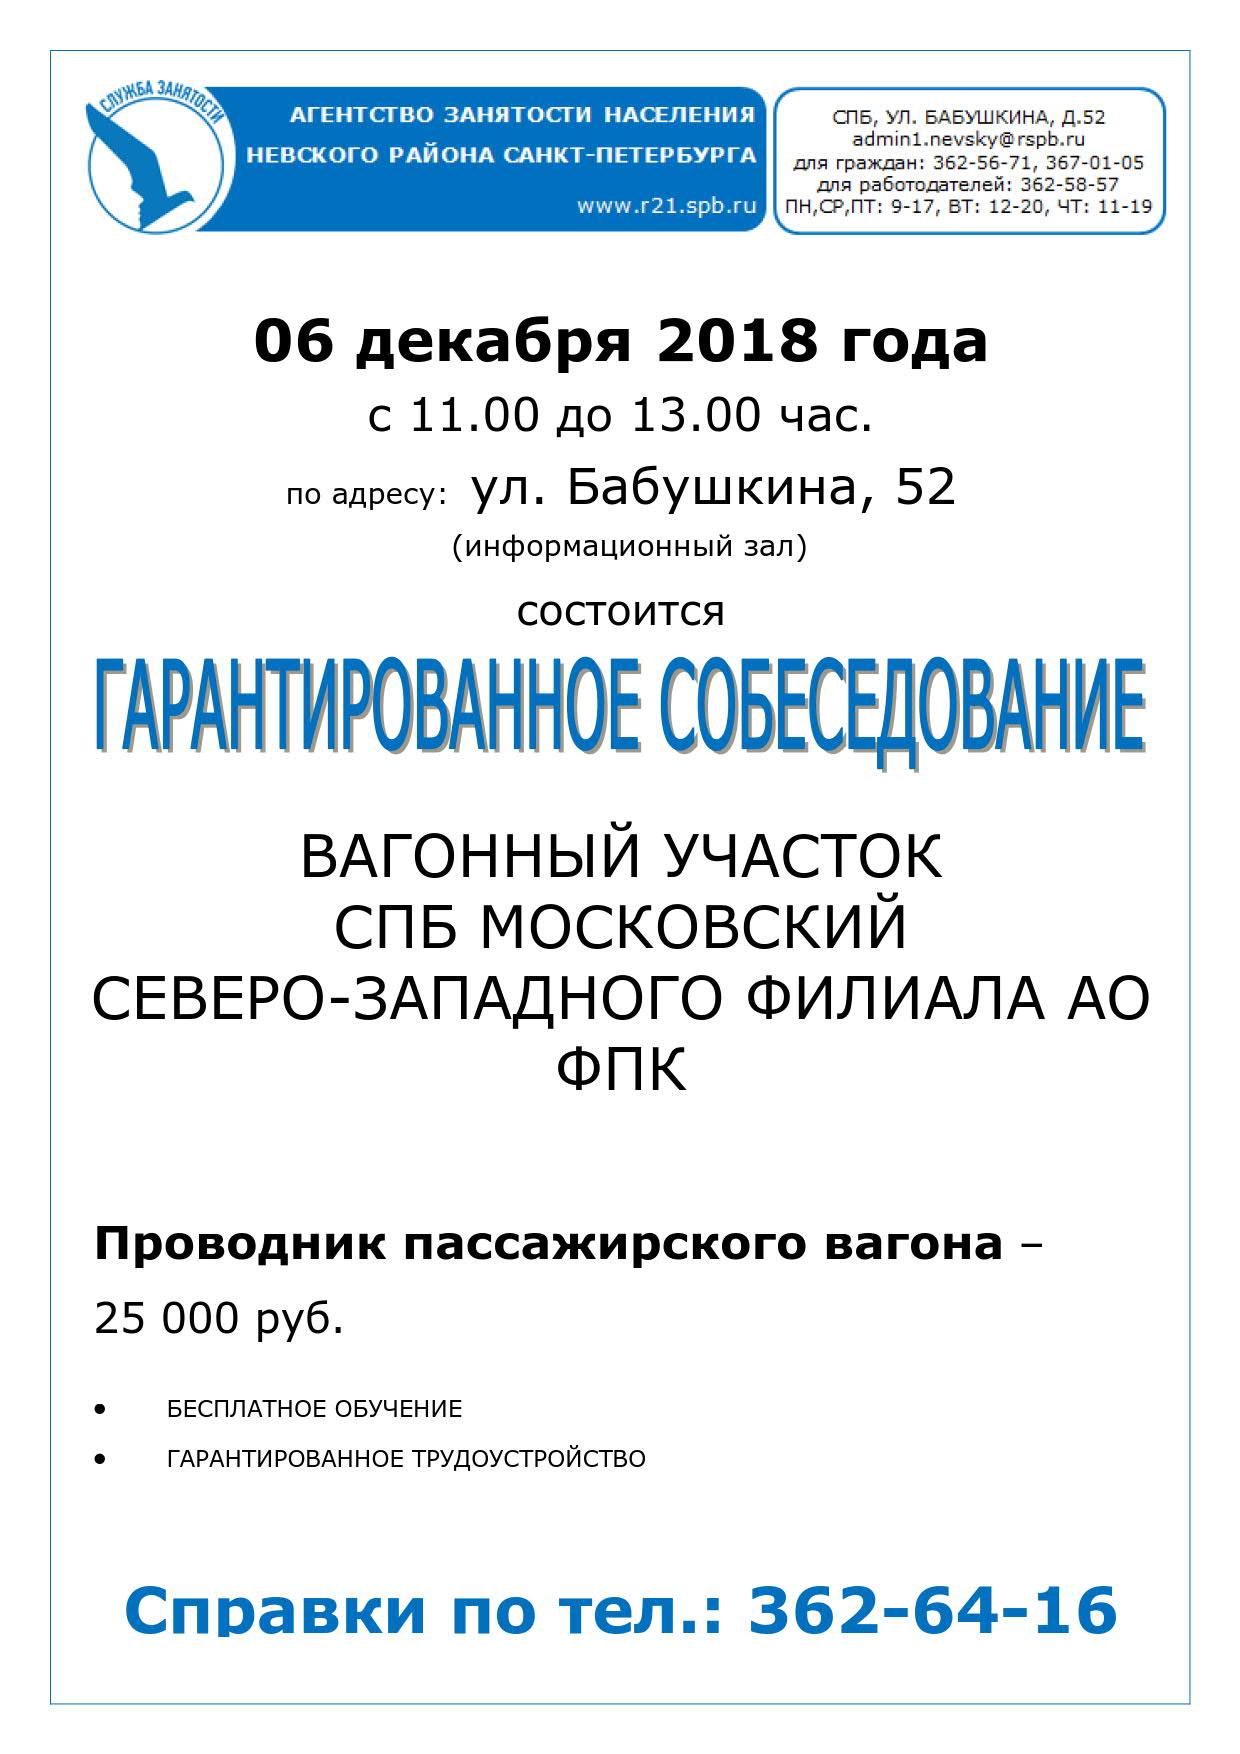 объявление ГС 06.12.2018_1